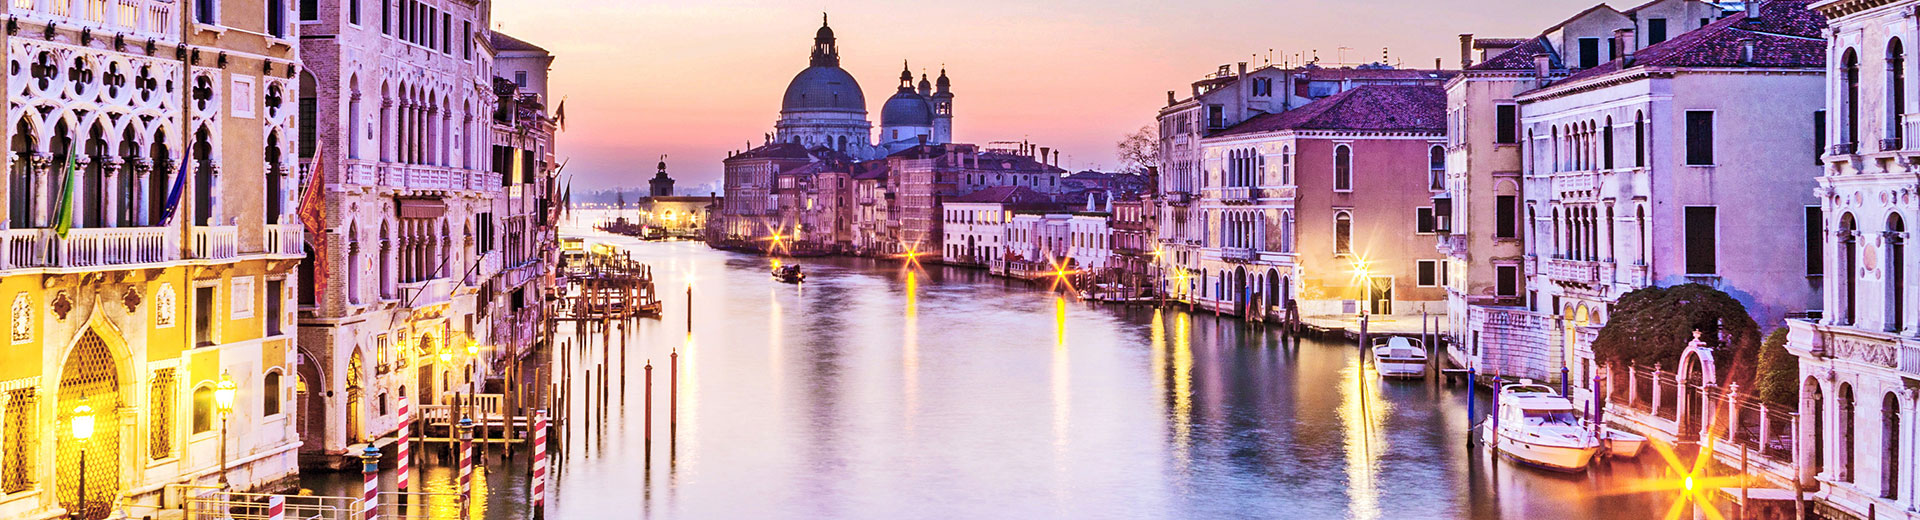 Städtereise Venedig – Flug und Hotel